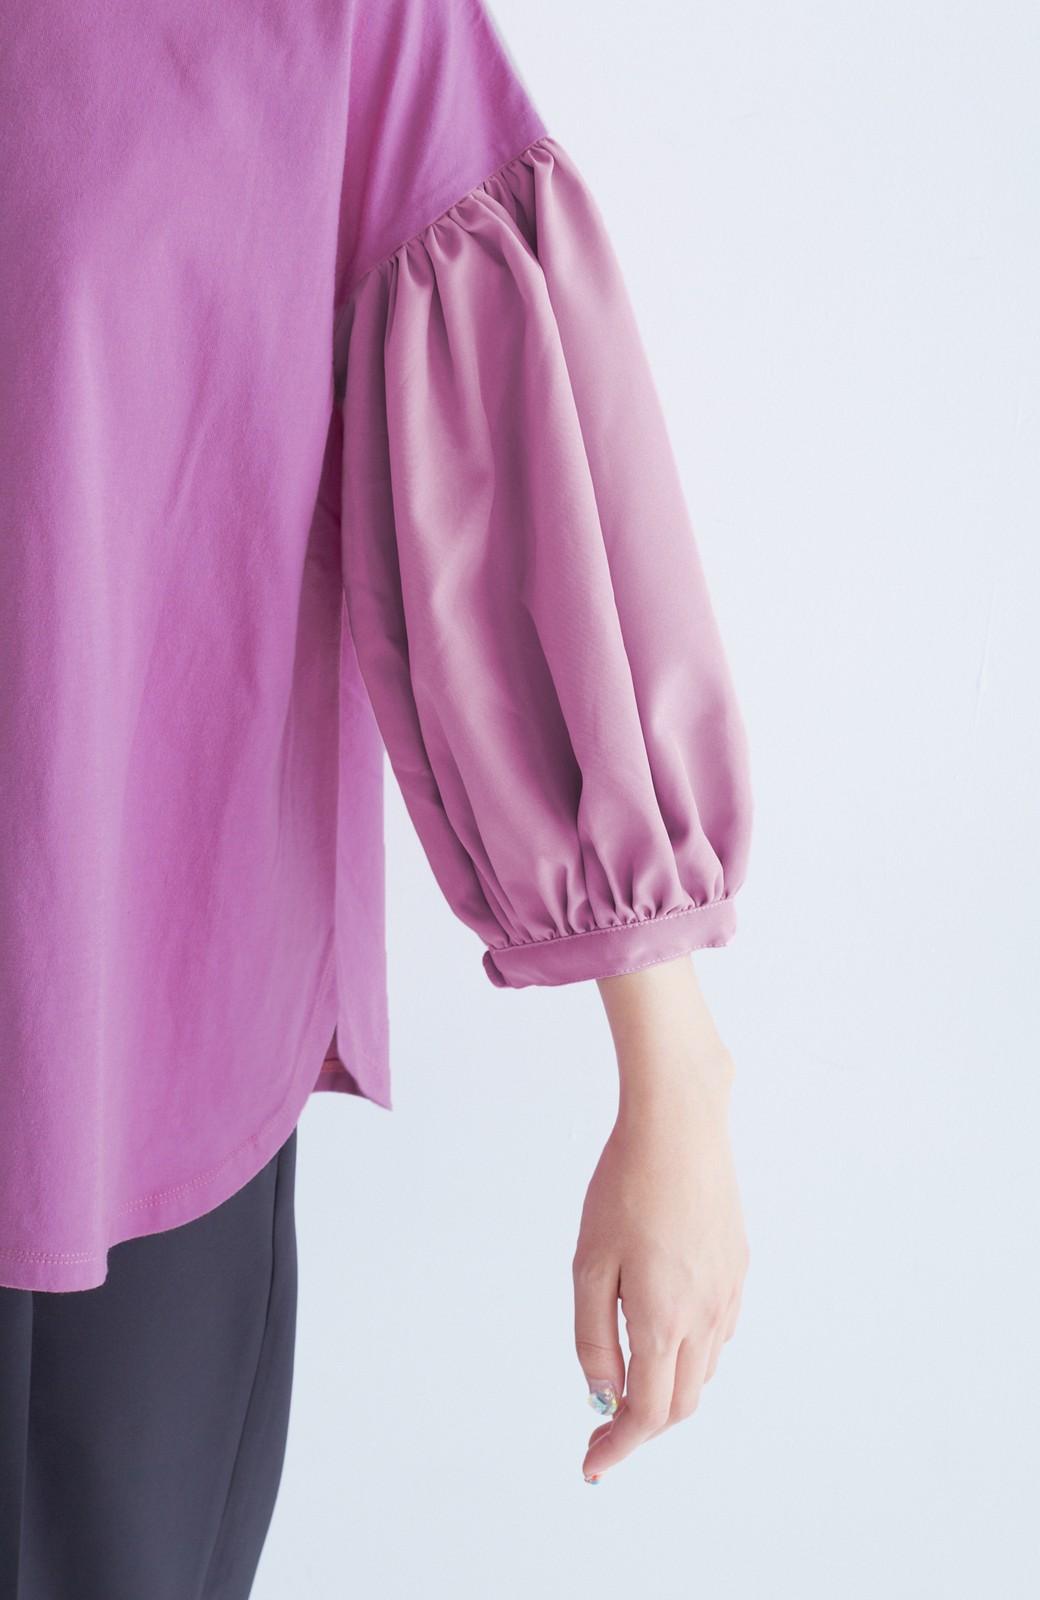 haco! ぽんわりいちじく袖のカットソートップス <スモークピンク>の商品写真7